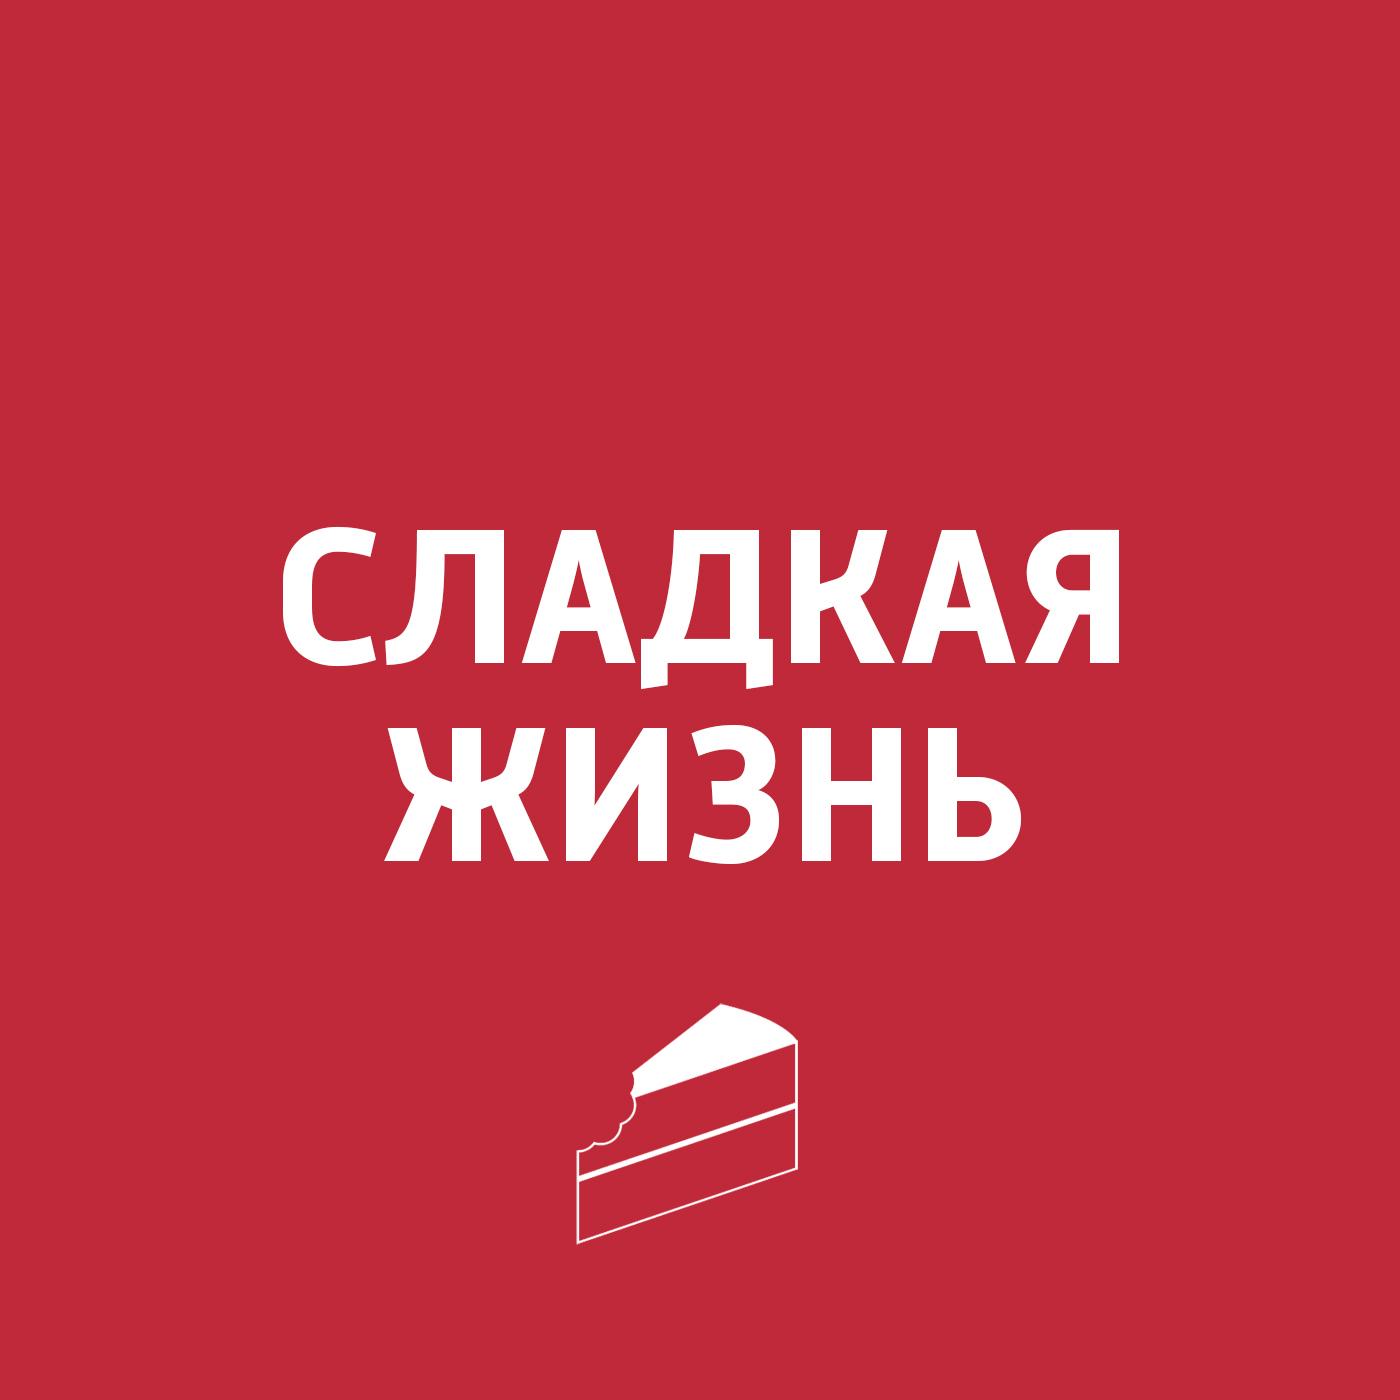 Картаев Павел Чуррос картаев павел девушкам нравятся любители салатов